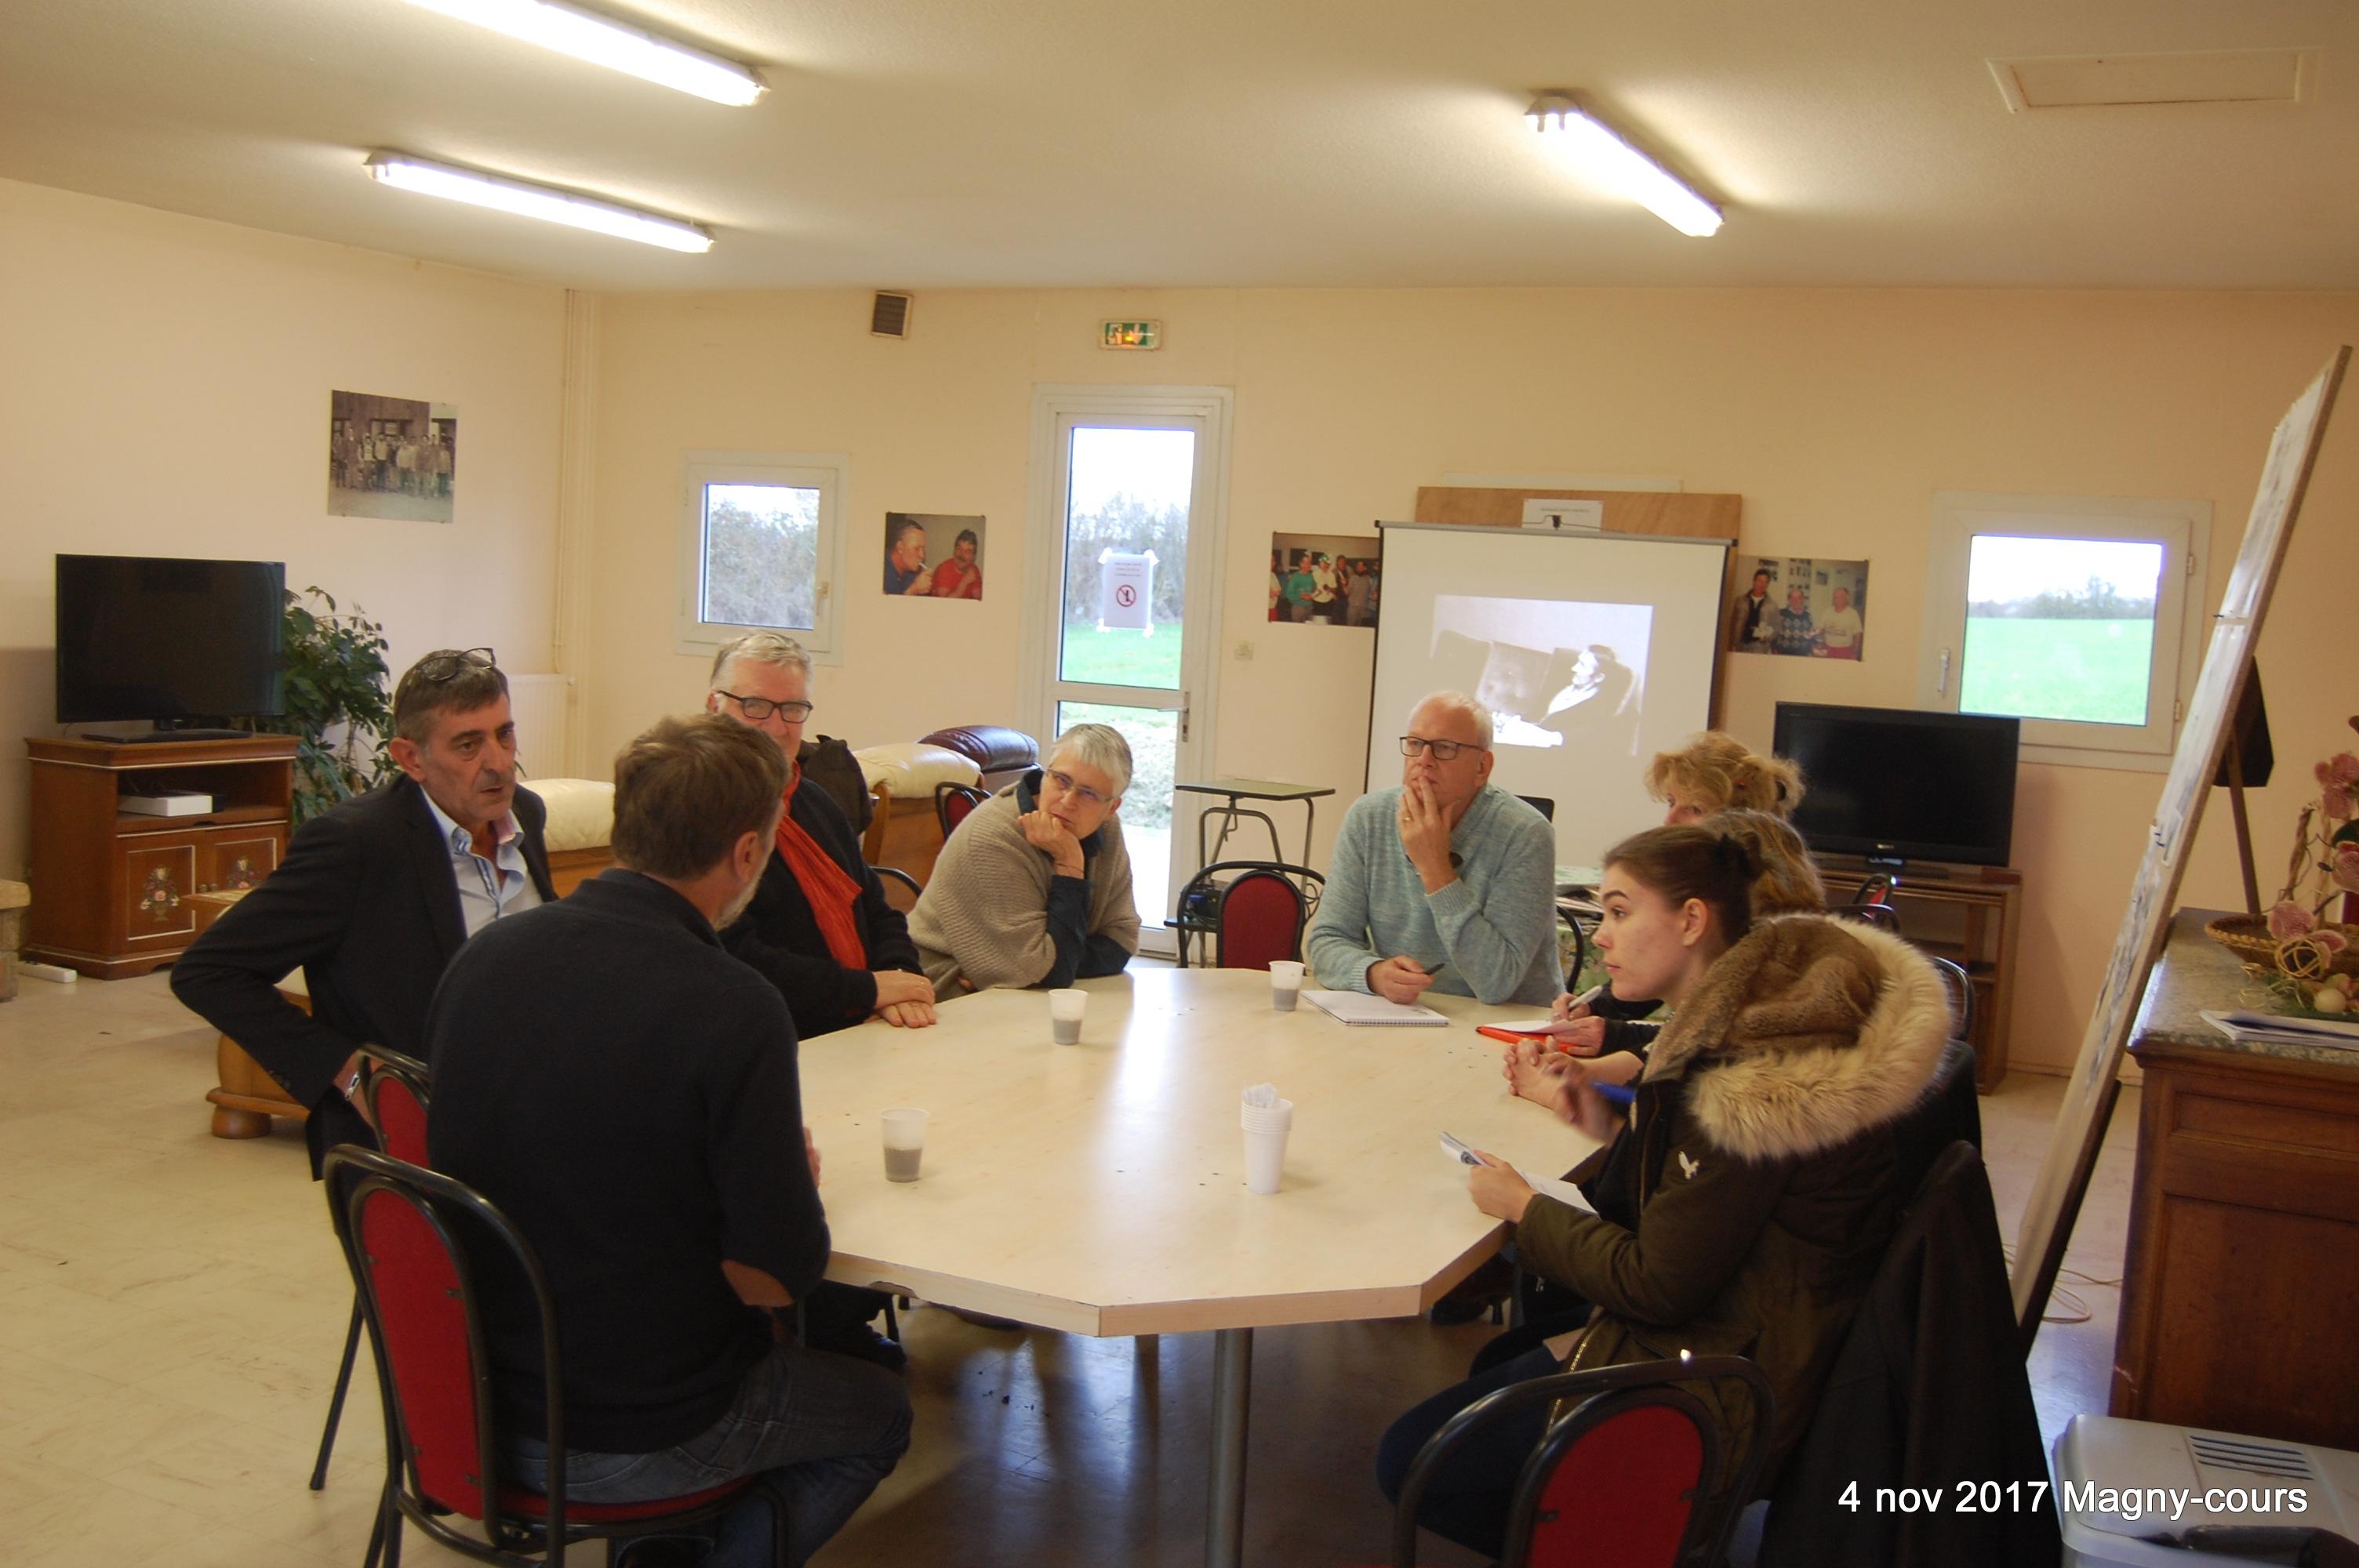 16h Table ronde pour échanger autour du thème des contrats aidés